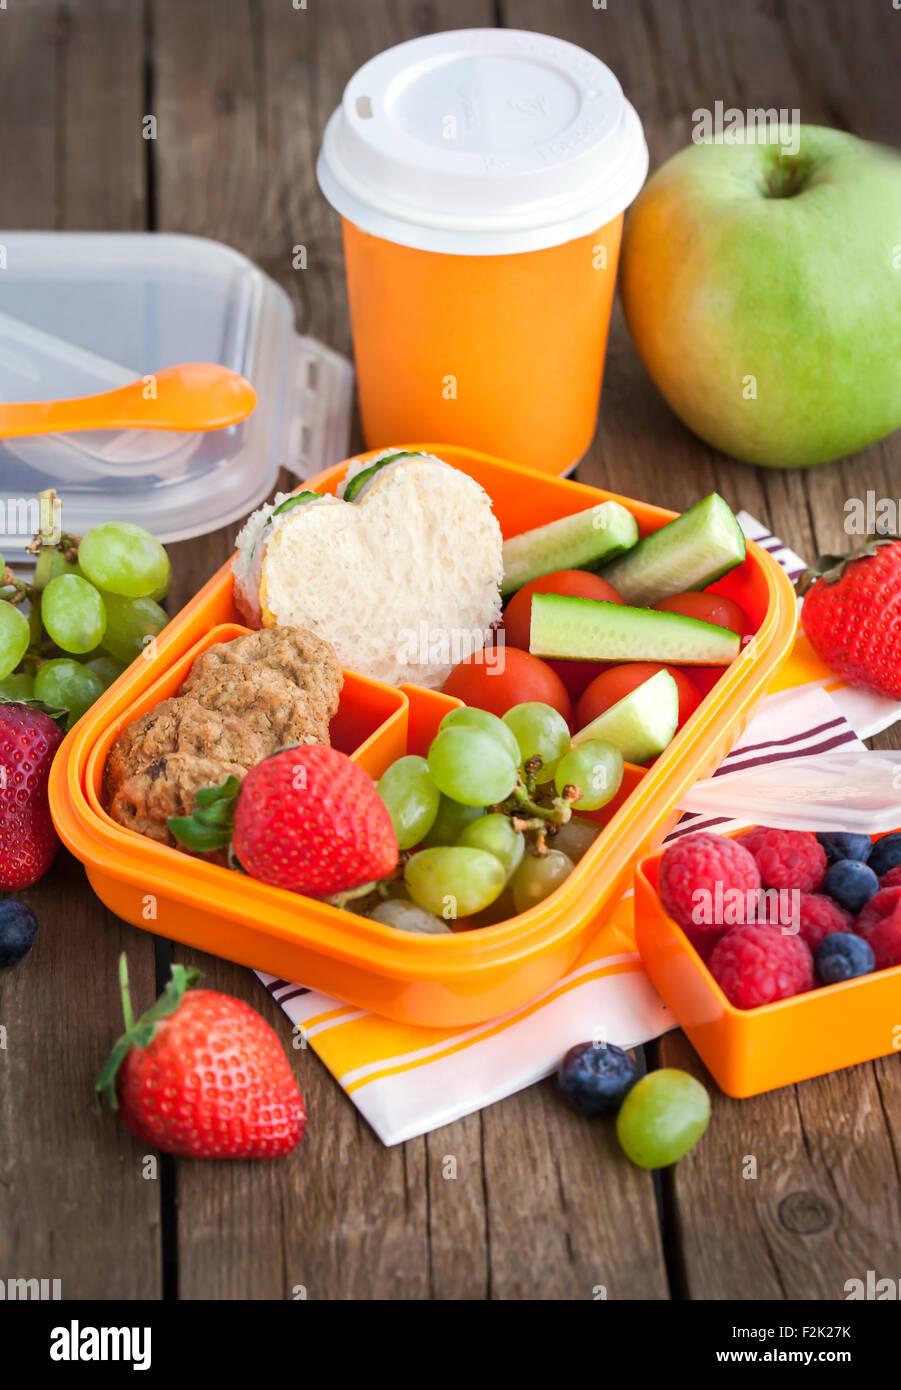 Lunch box f r kinder mit sandwich kekse frisches gem se - Obst und gemuseplatte fur kindergarten ...